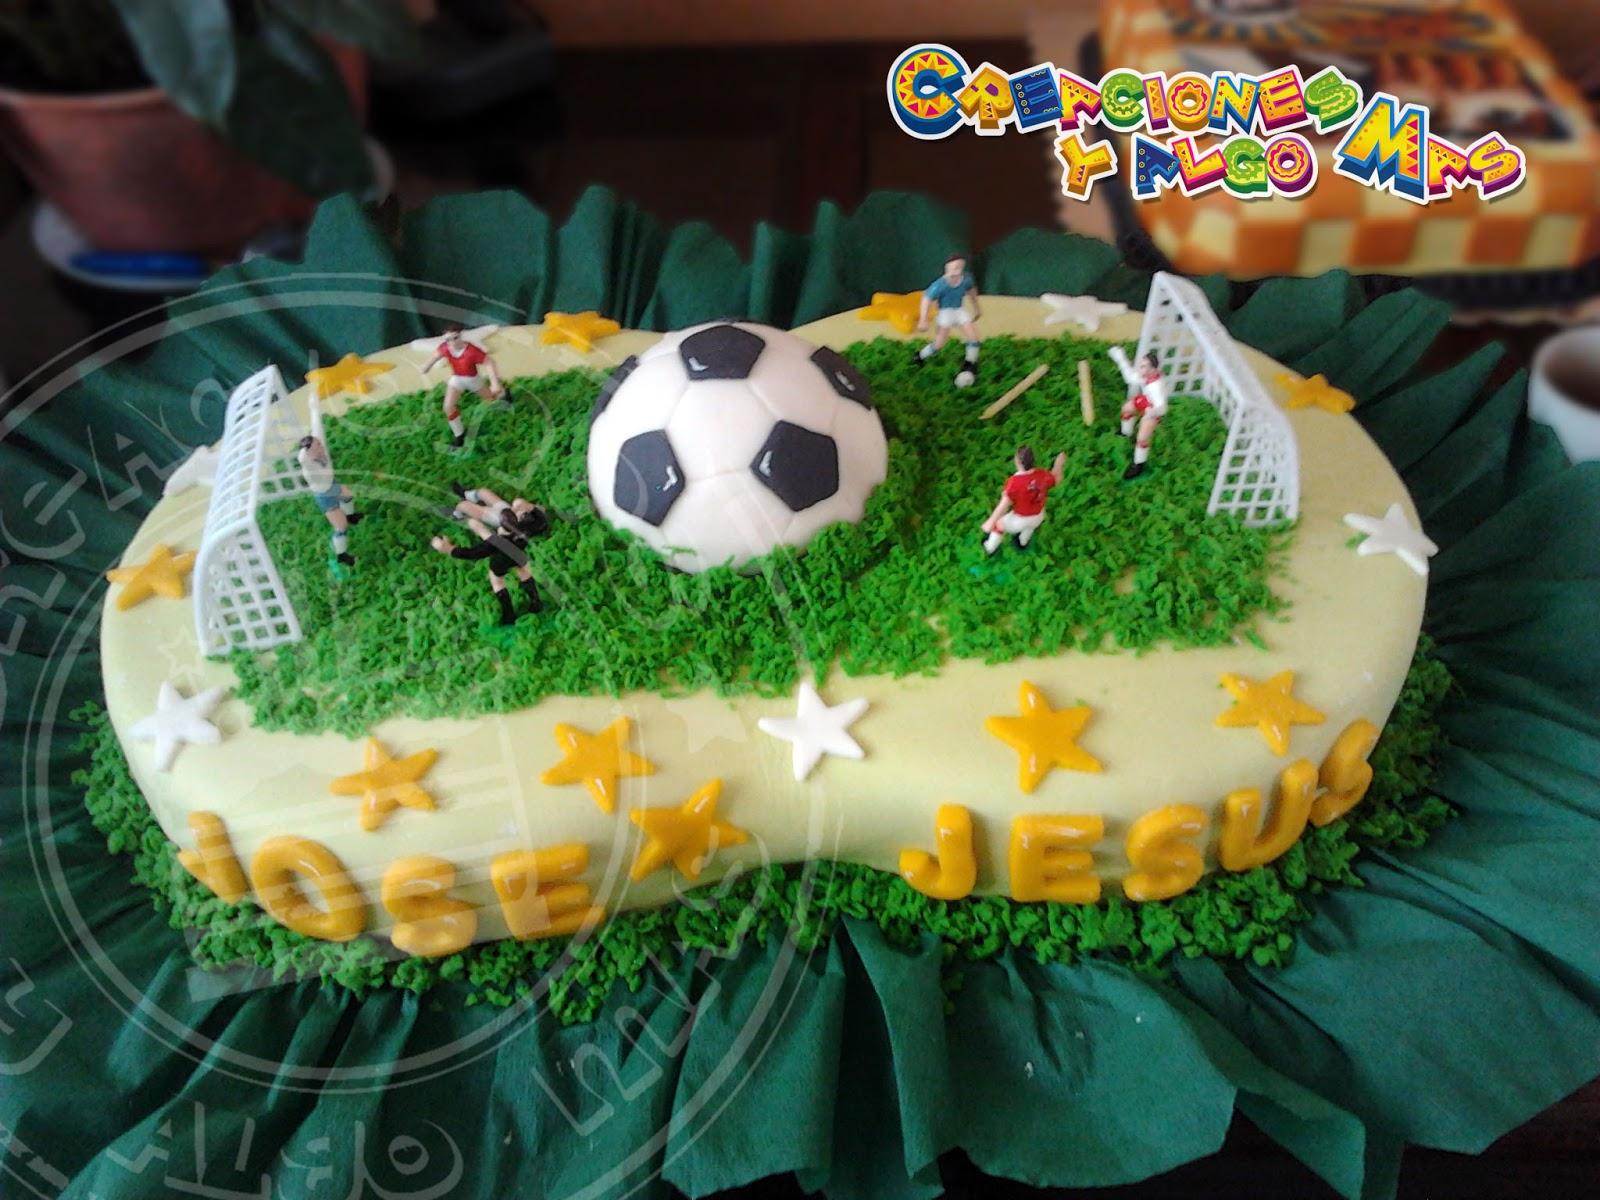 Creaciones y Algo Mas: FIESTA MOTIVO FUTBOL - FOOTBALL PARTY